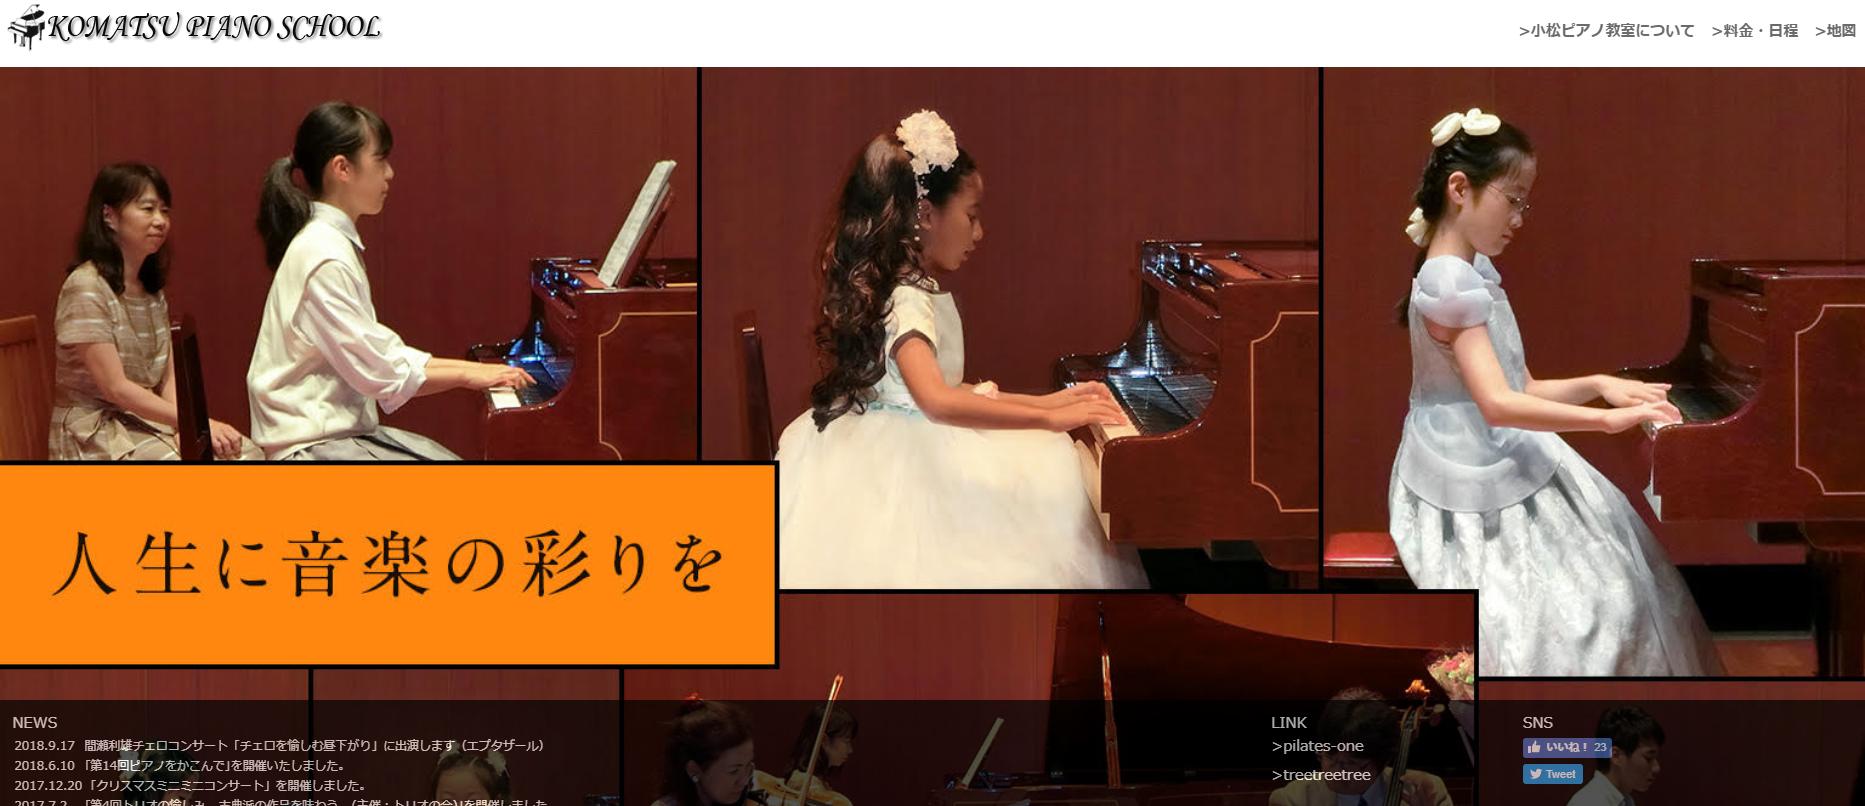 小松ピアノ教室のサムネイル